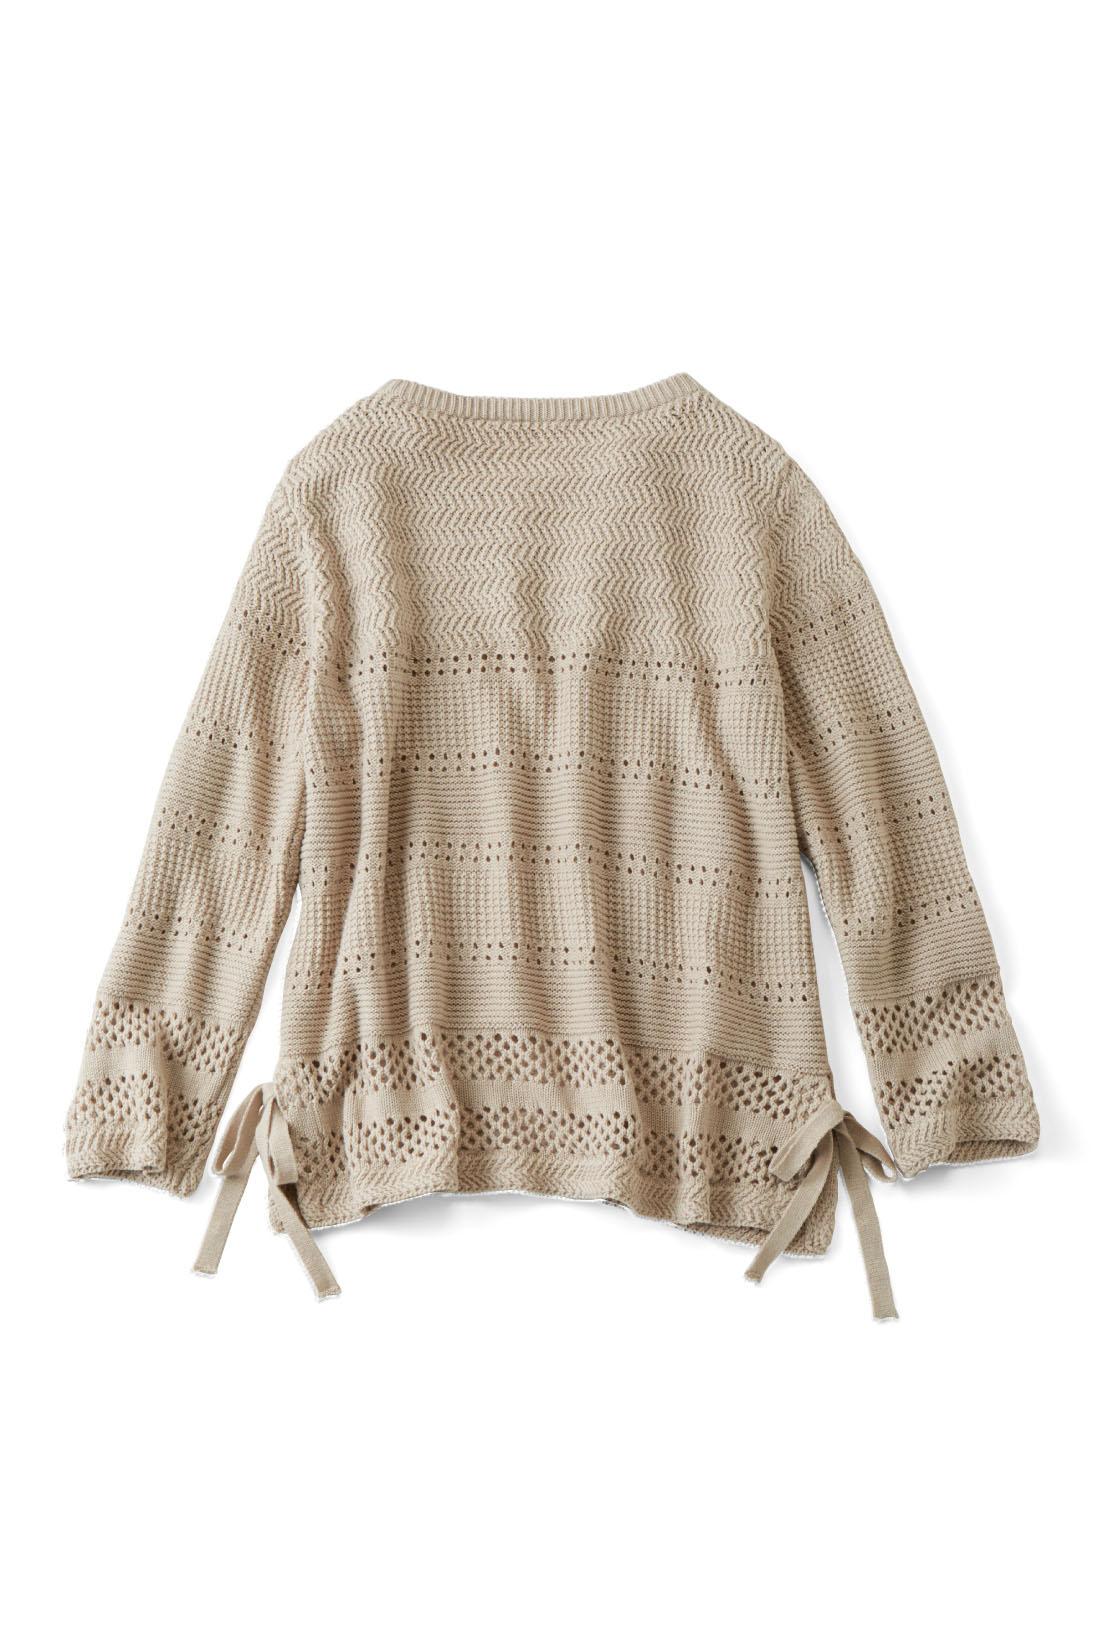 BACK 後ろも透かし編みデザインで華やか。